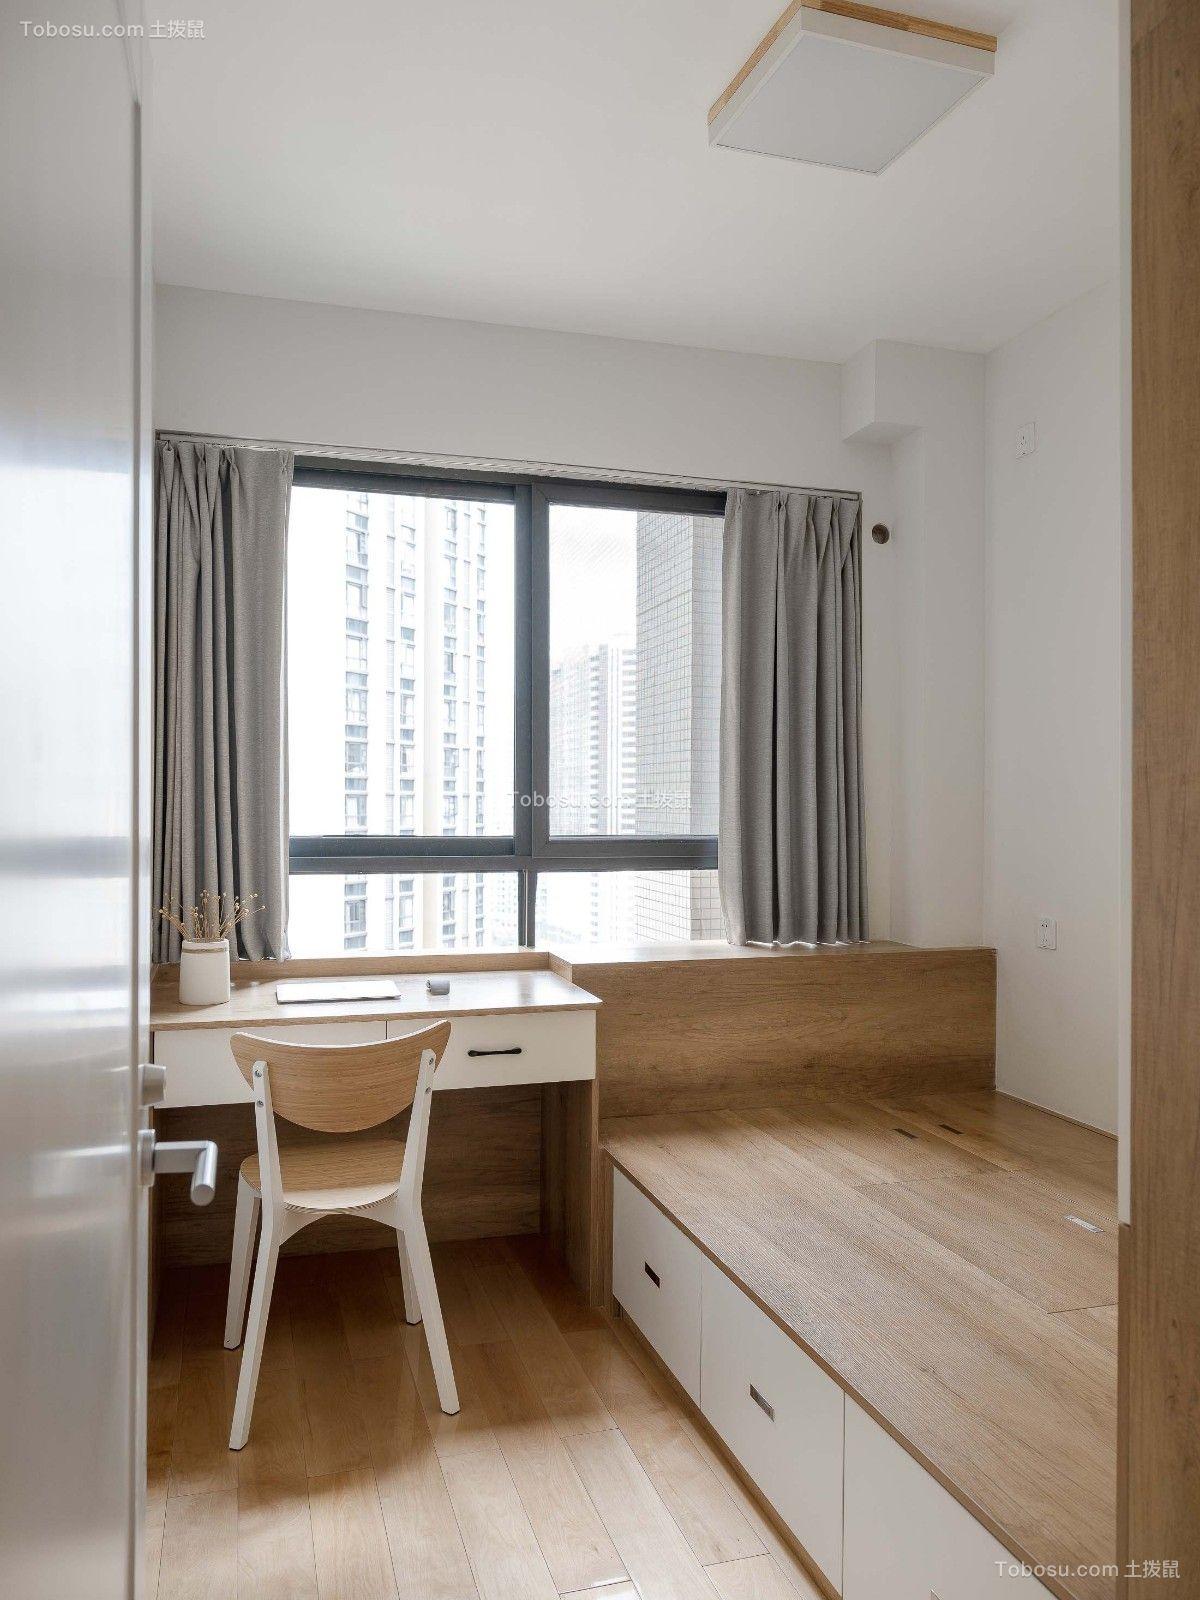 2019新中式卧室装修设计图片 2019新中式榻榻米装修设计图片